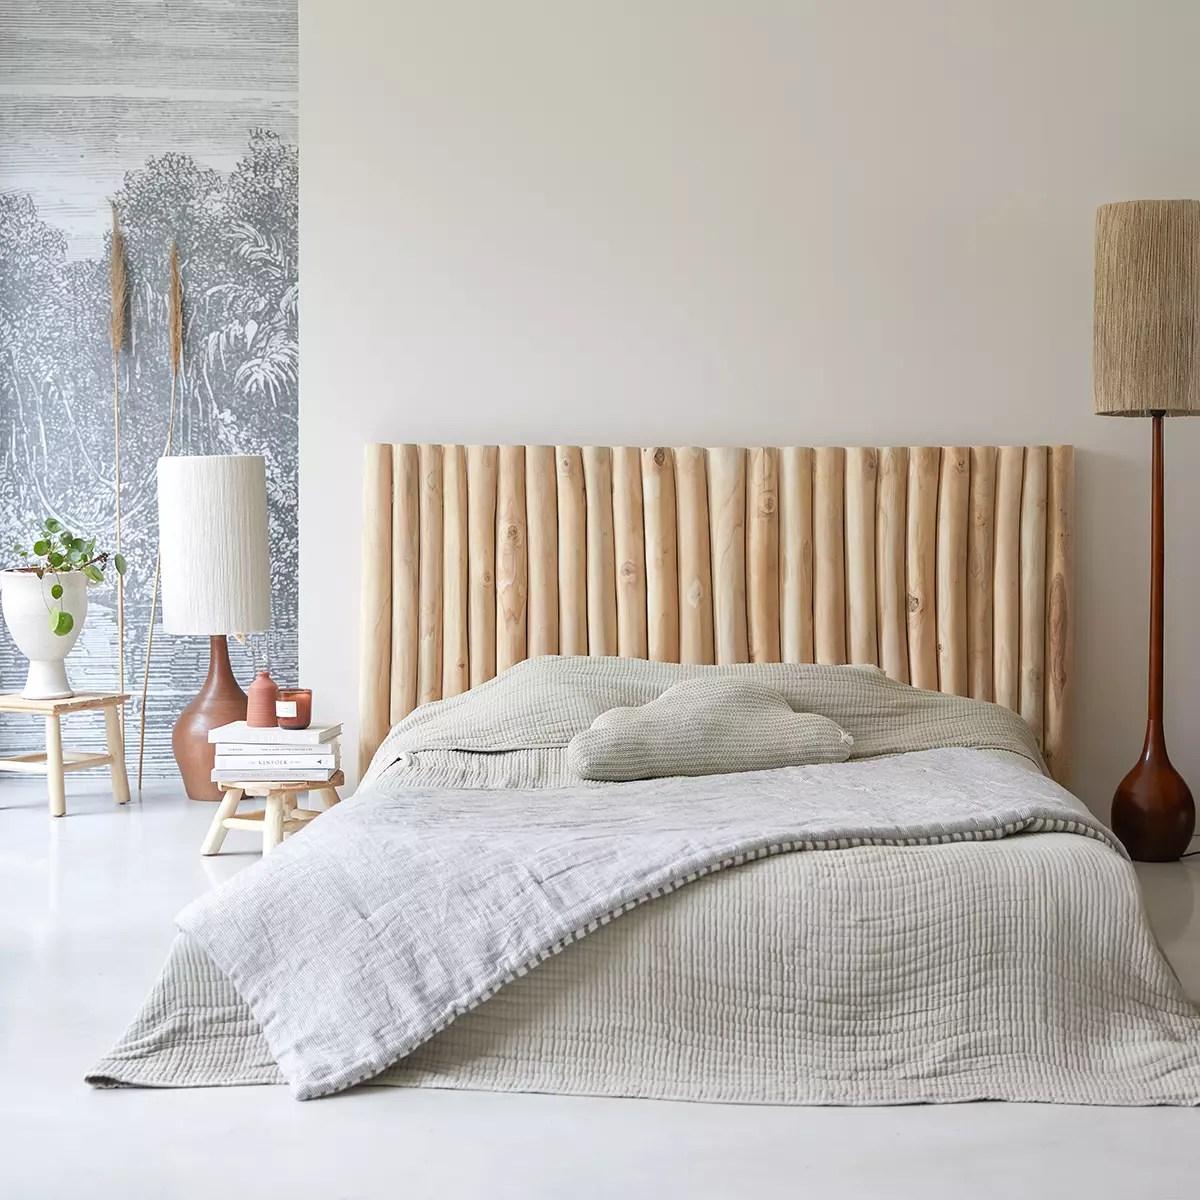 tete de lit en bois flotte 180 cm river